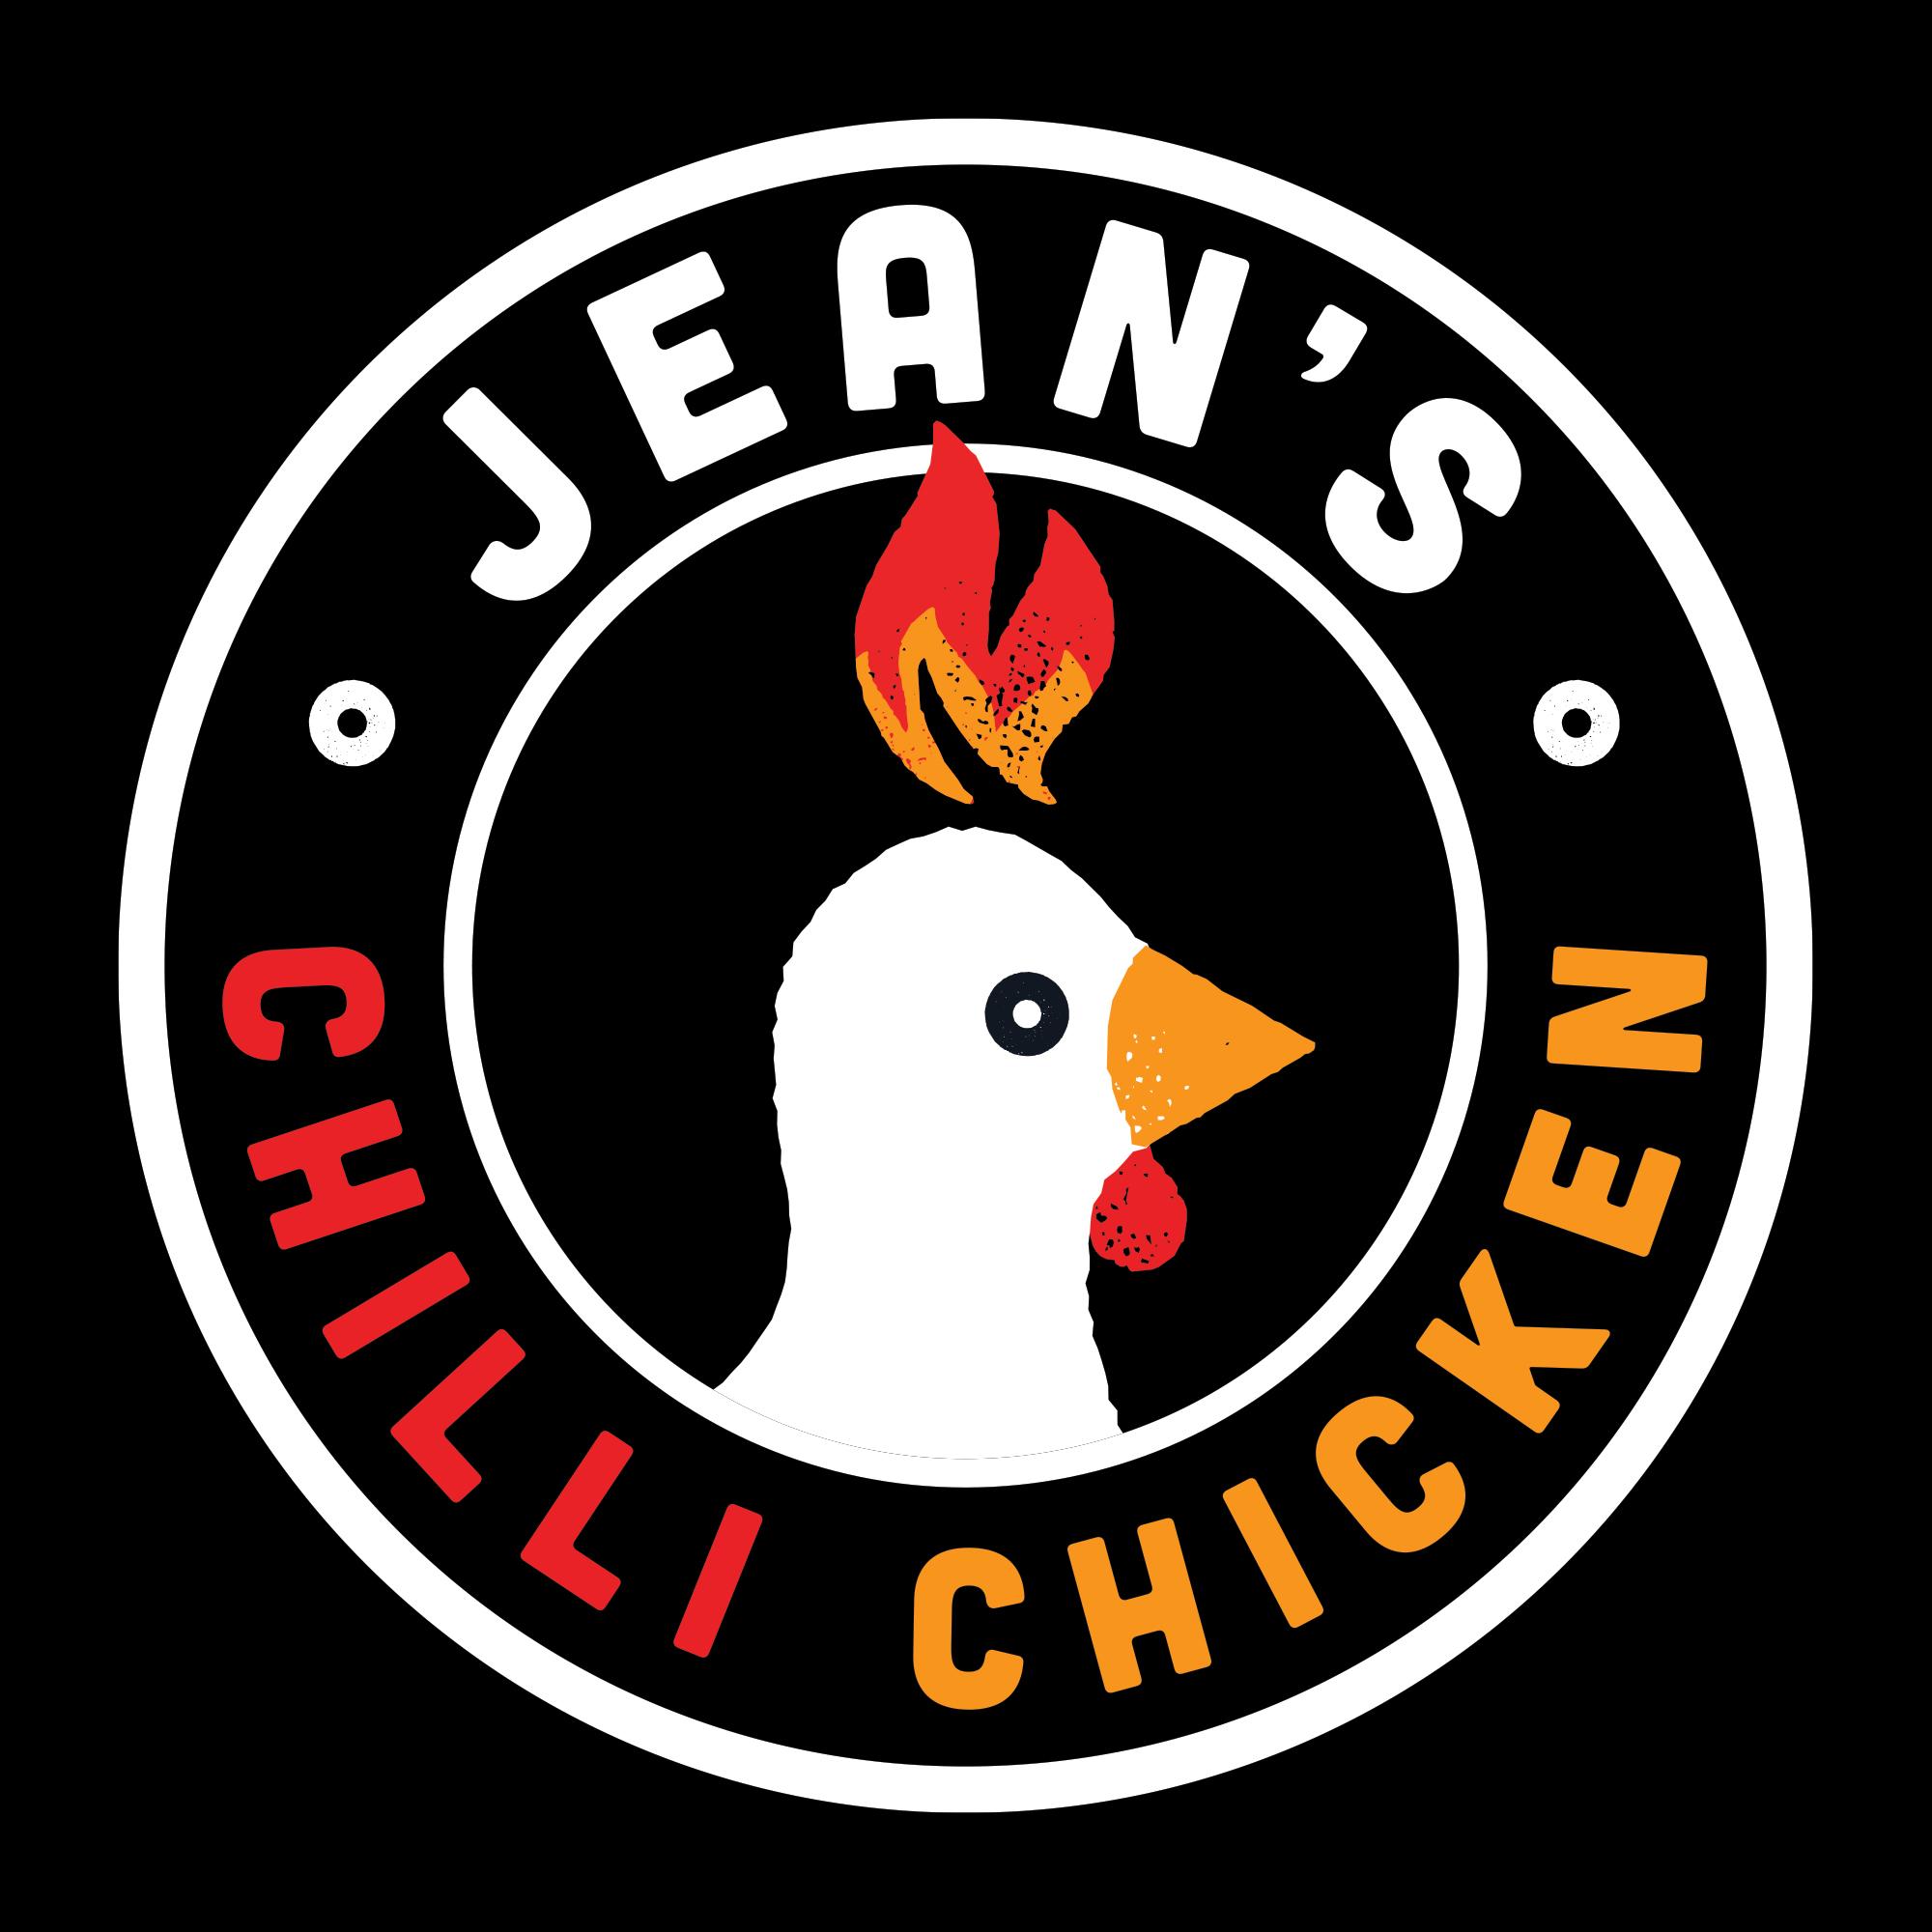 Jean's chilli chicken logo